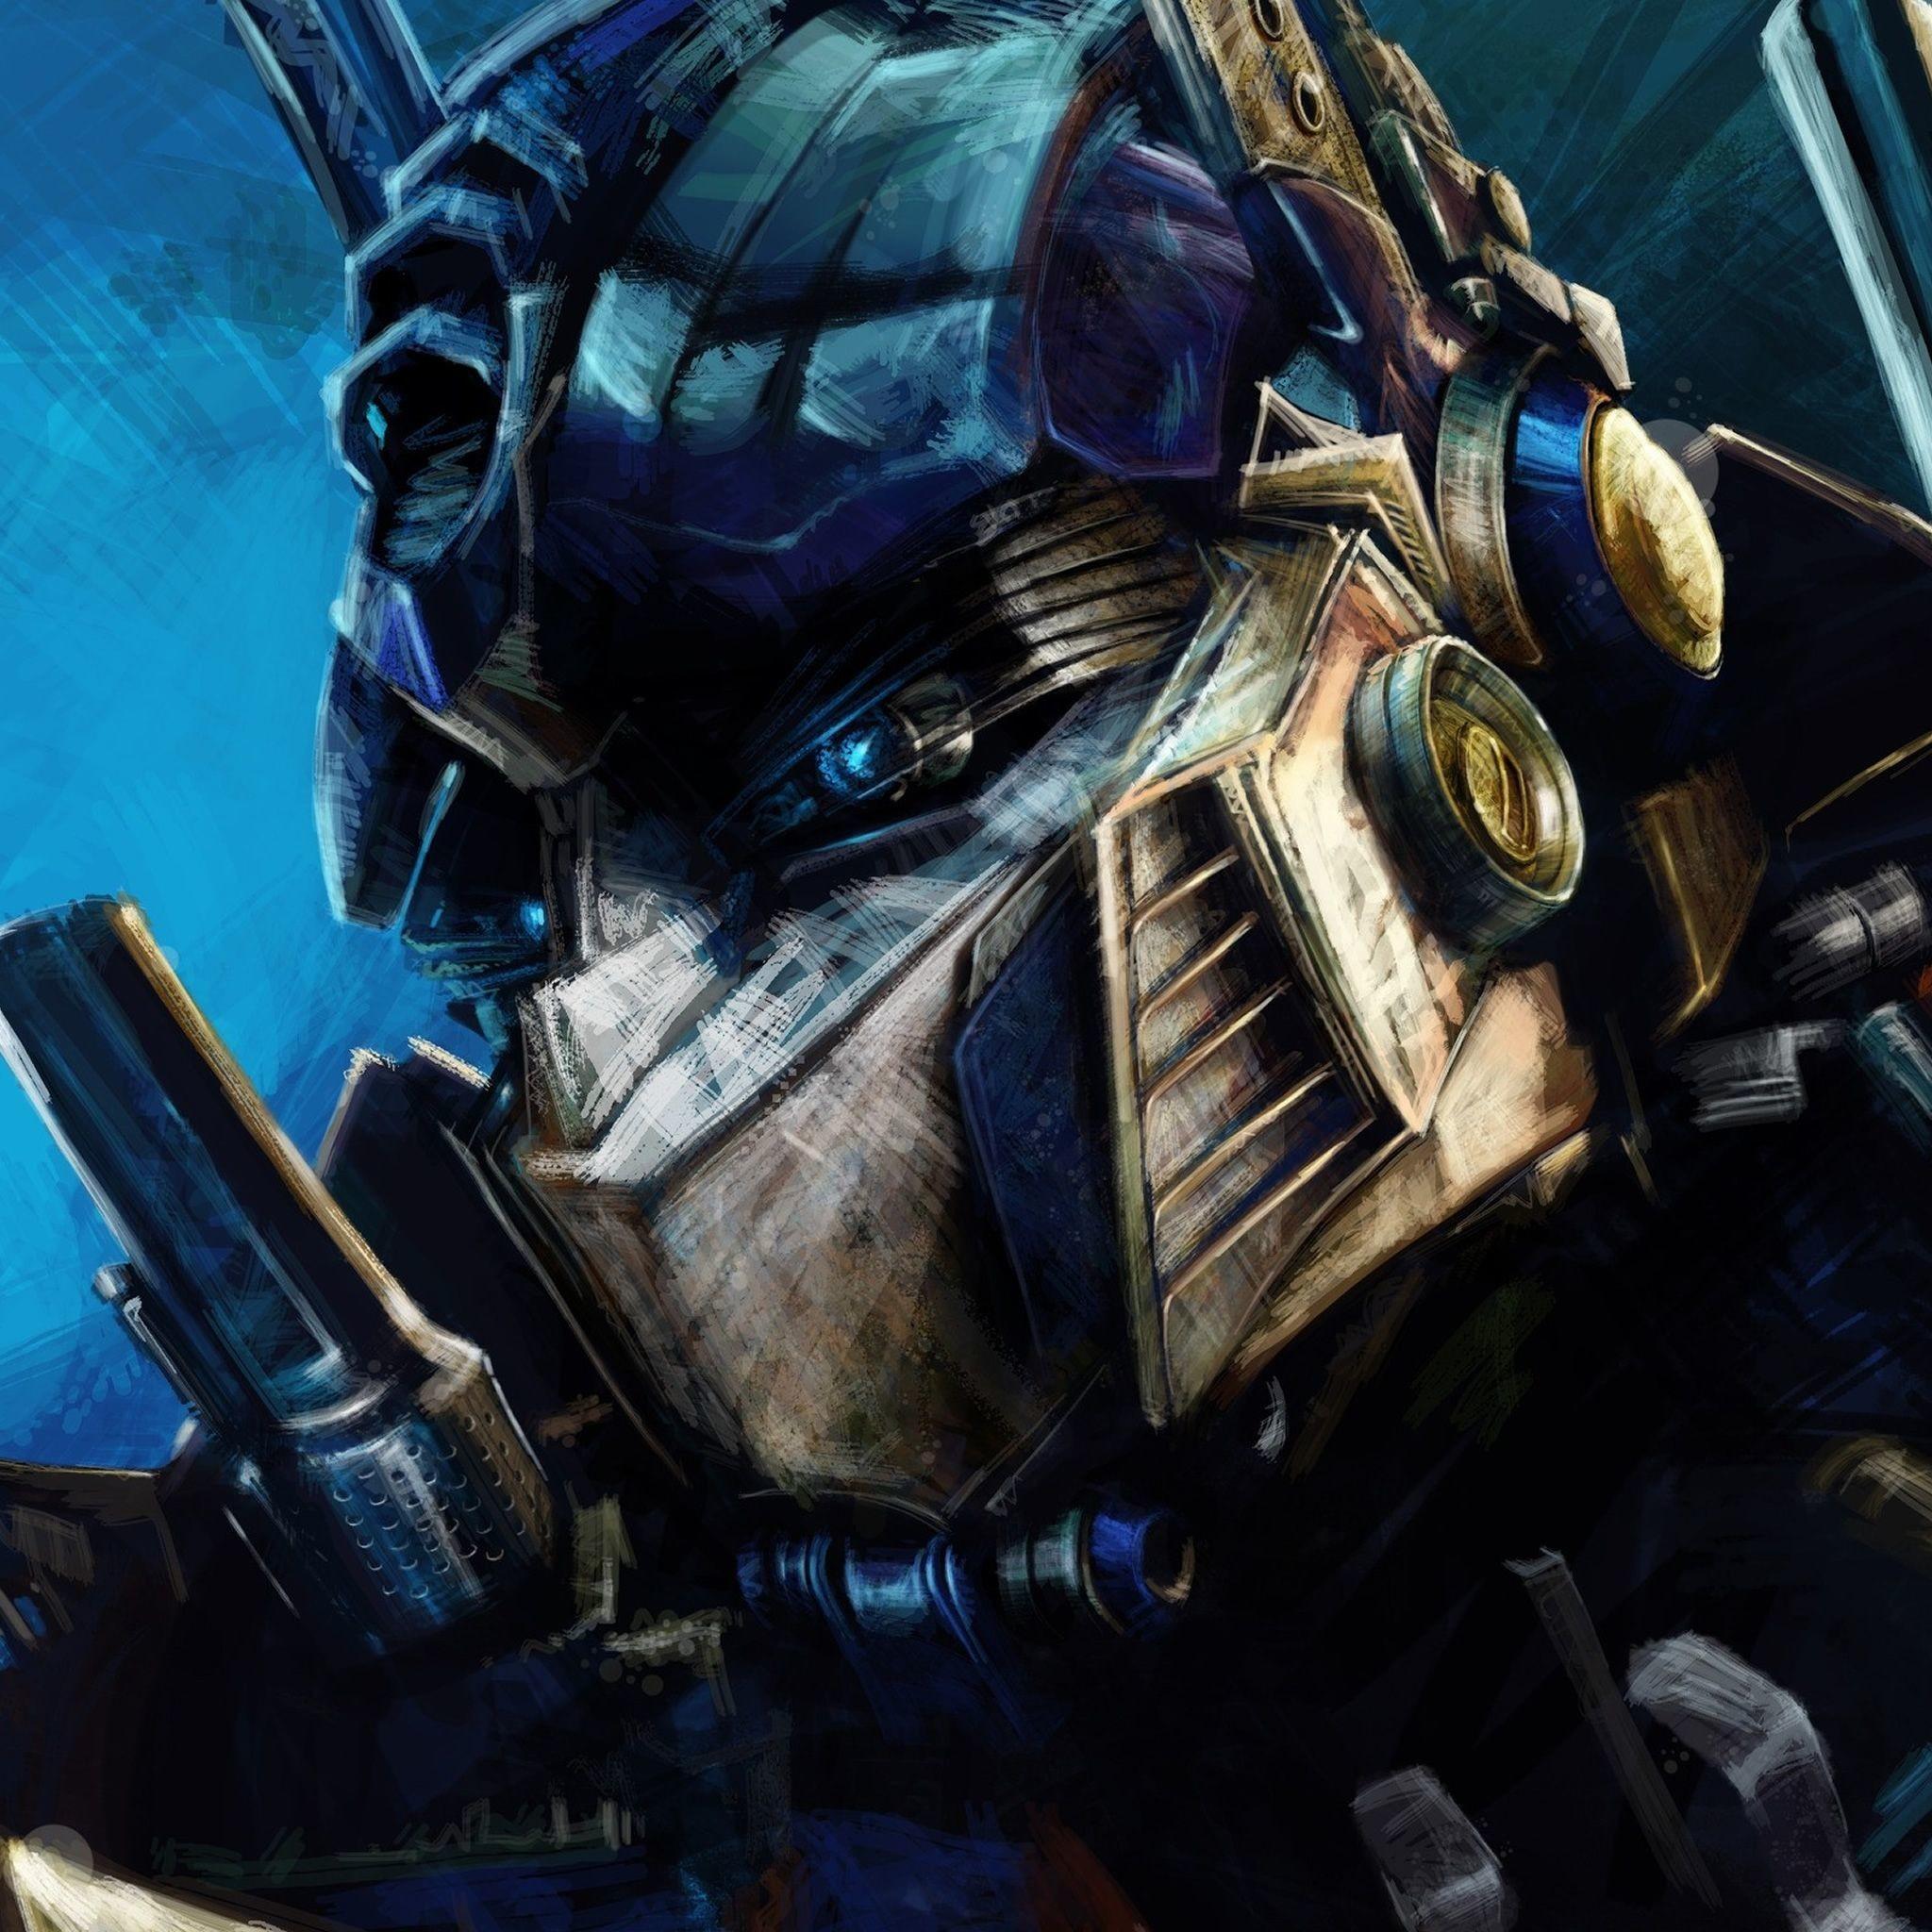 Optimus Prime Wallpaper Hd: Transformers IPhone Wallpaper (66+ Images